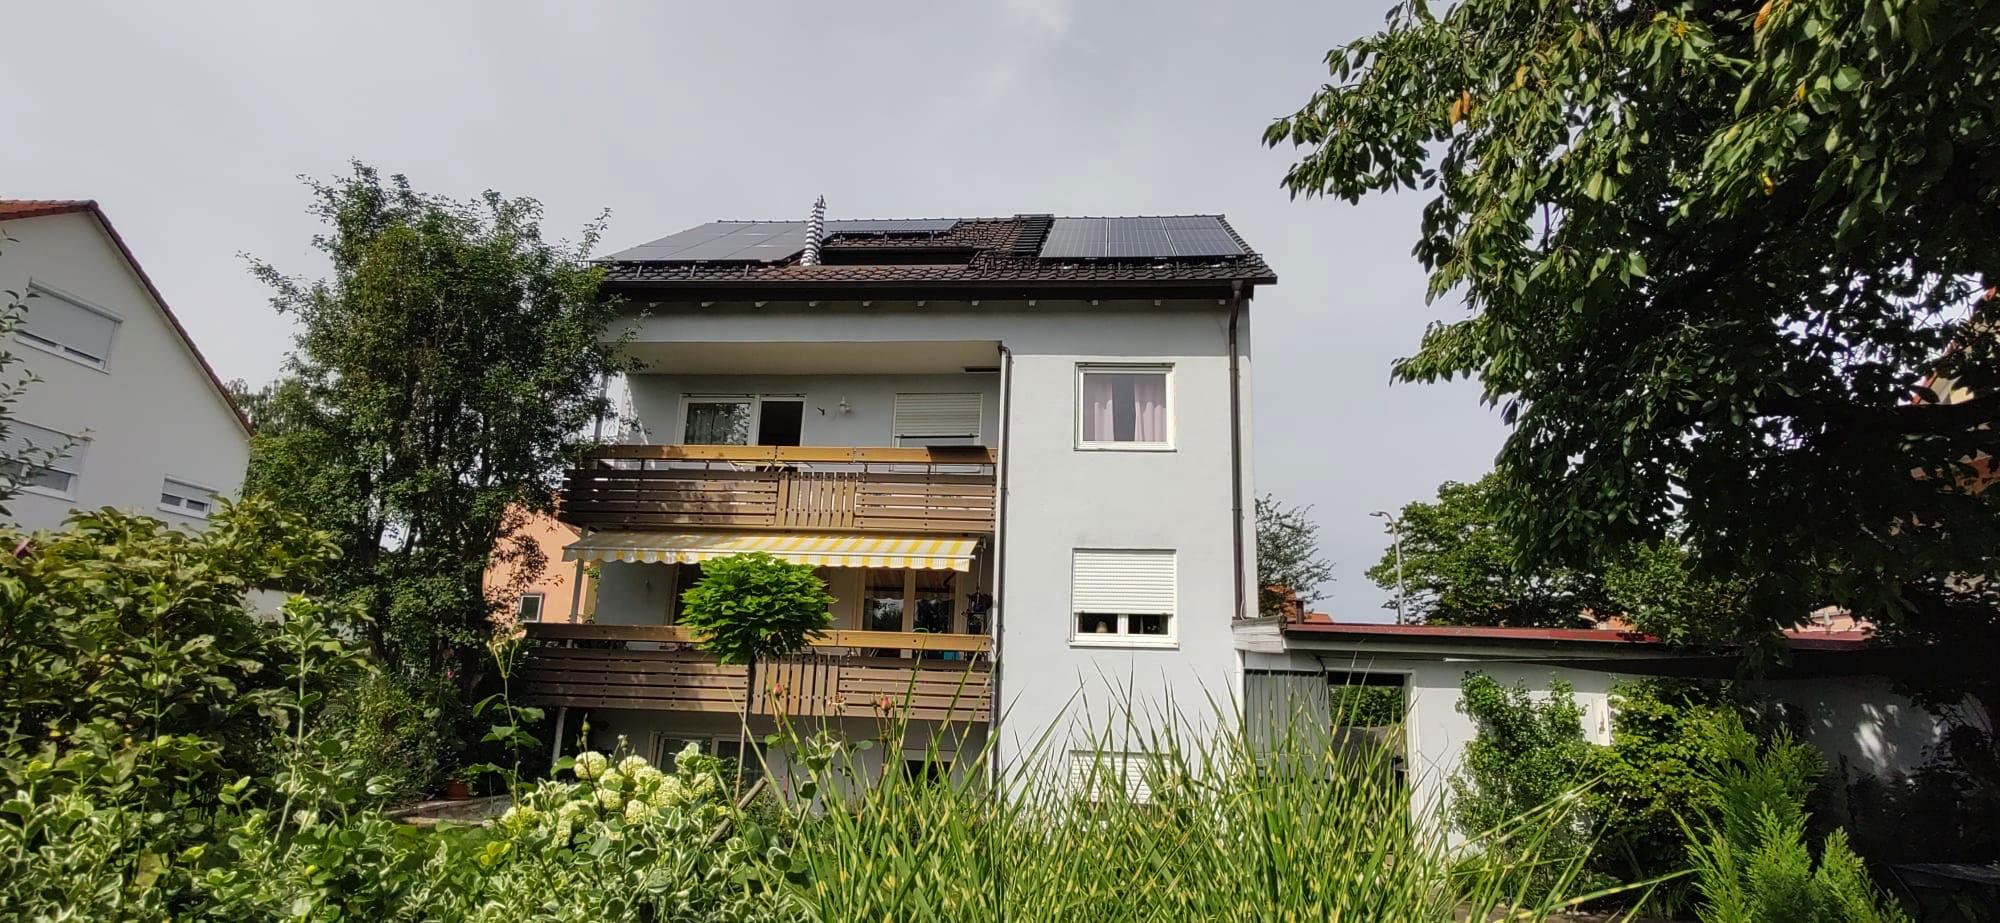 Markt Wendelstein fördert Wärmepumpe und Solaranlagen